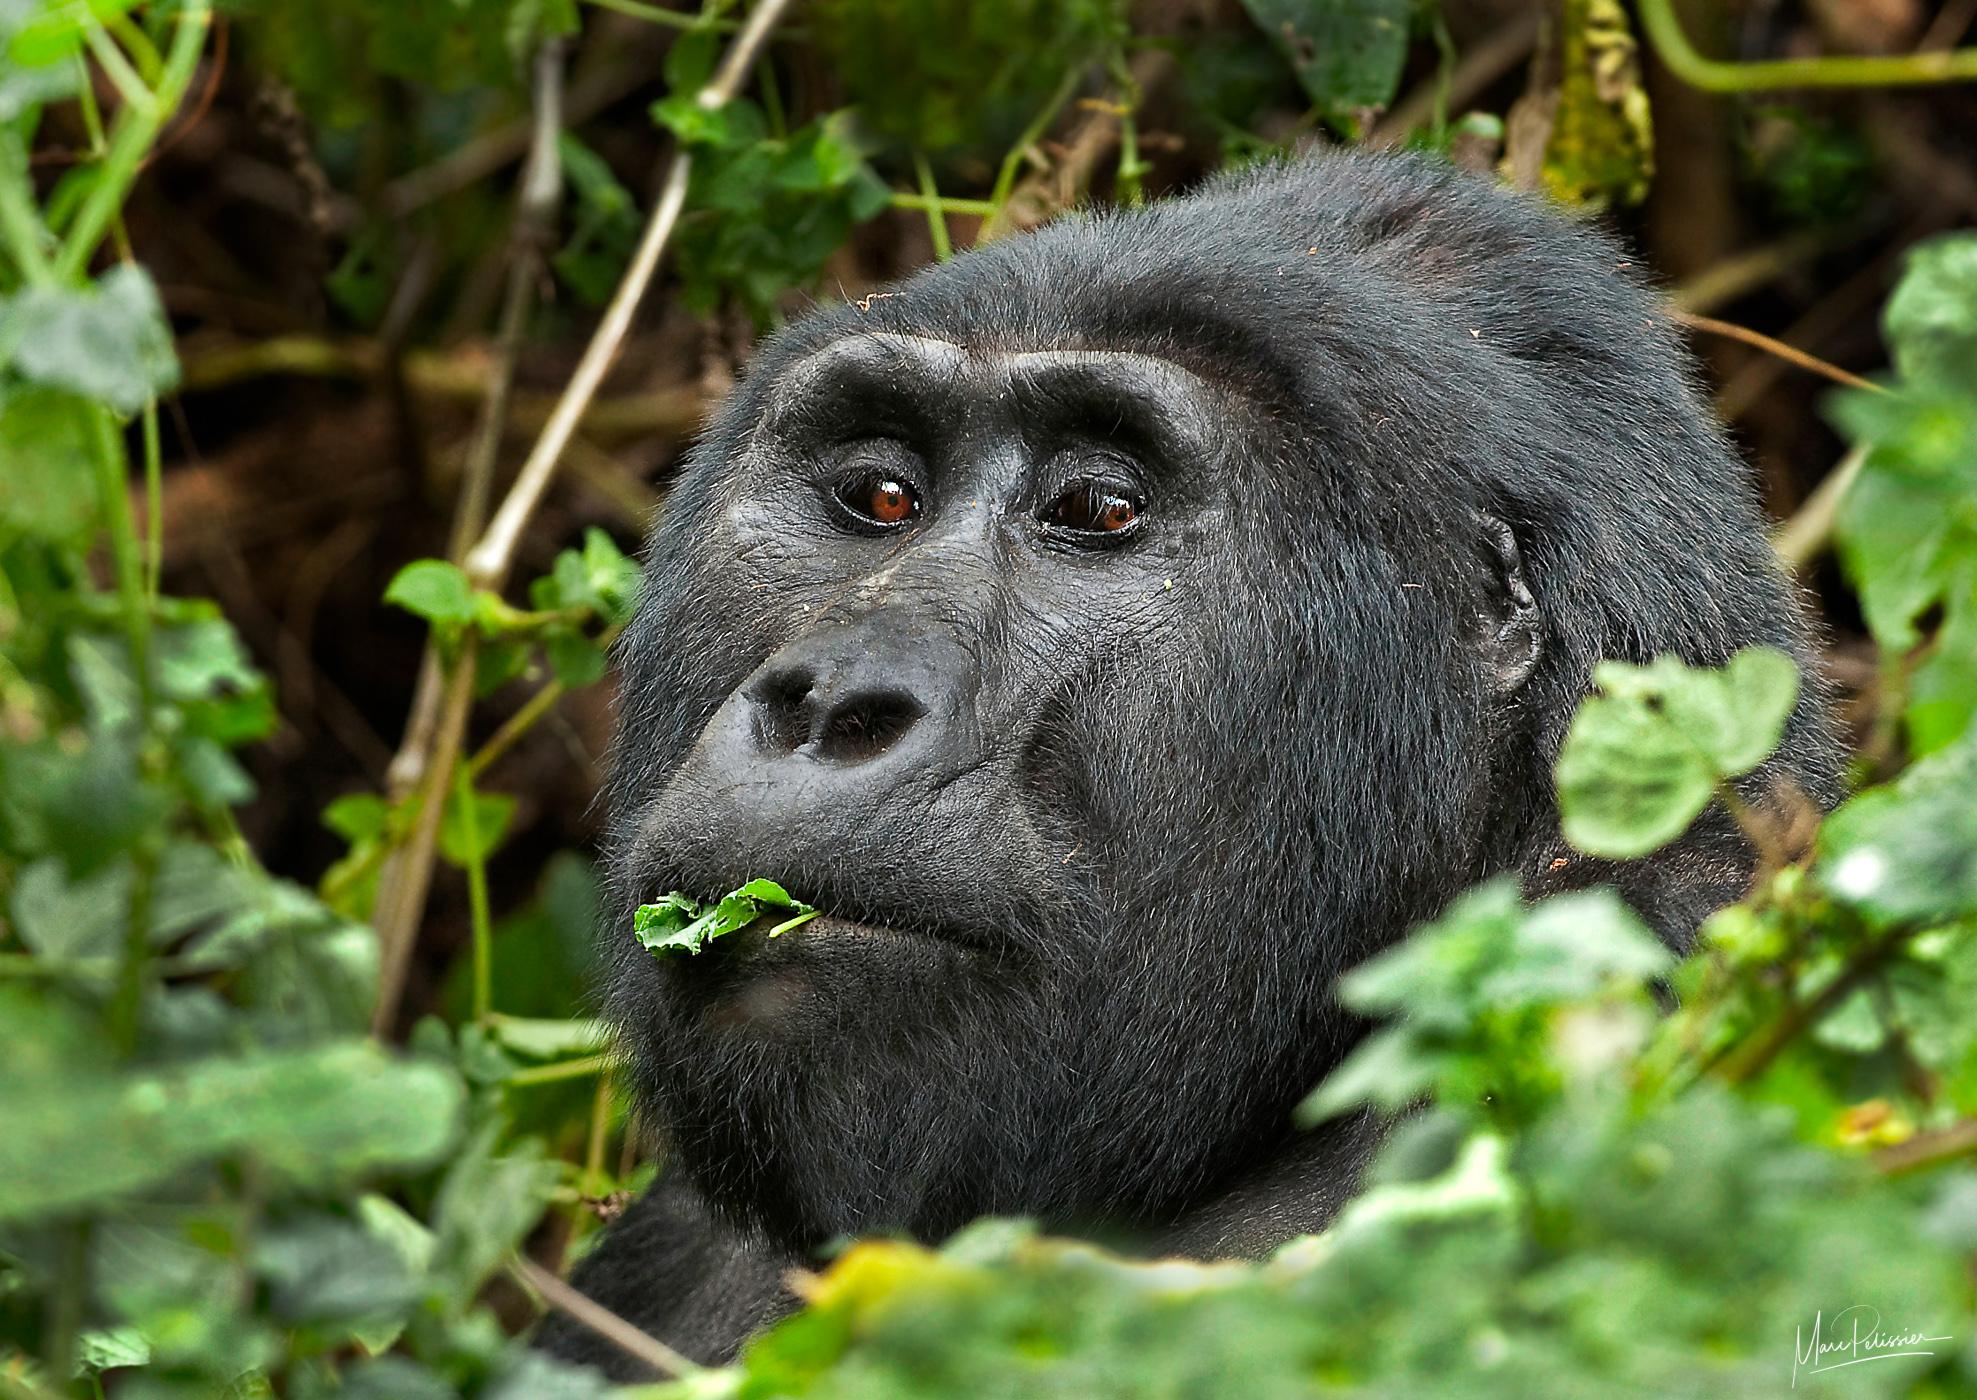 Gorilla in the mist, Uganda